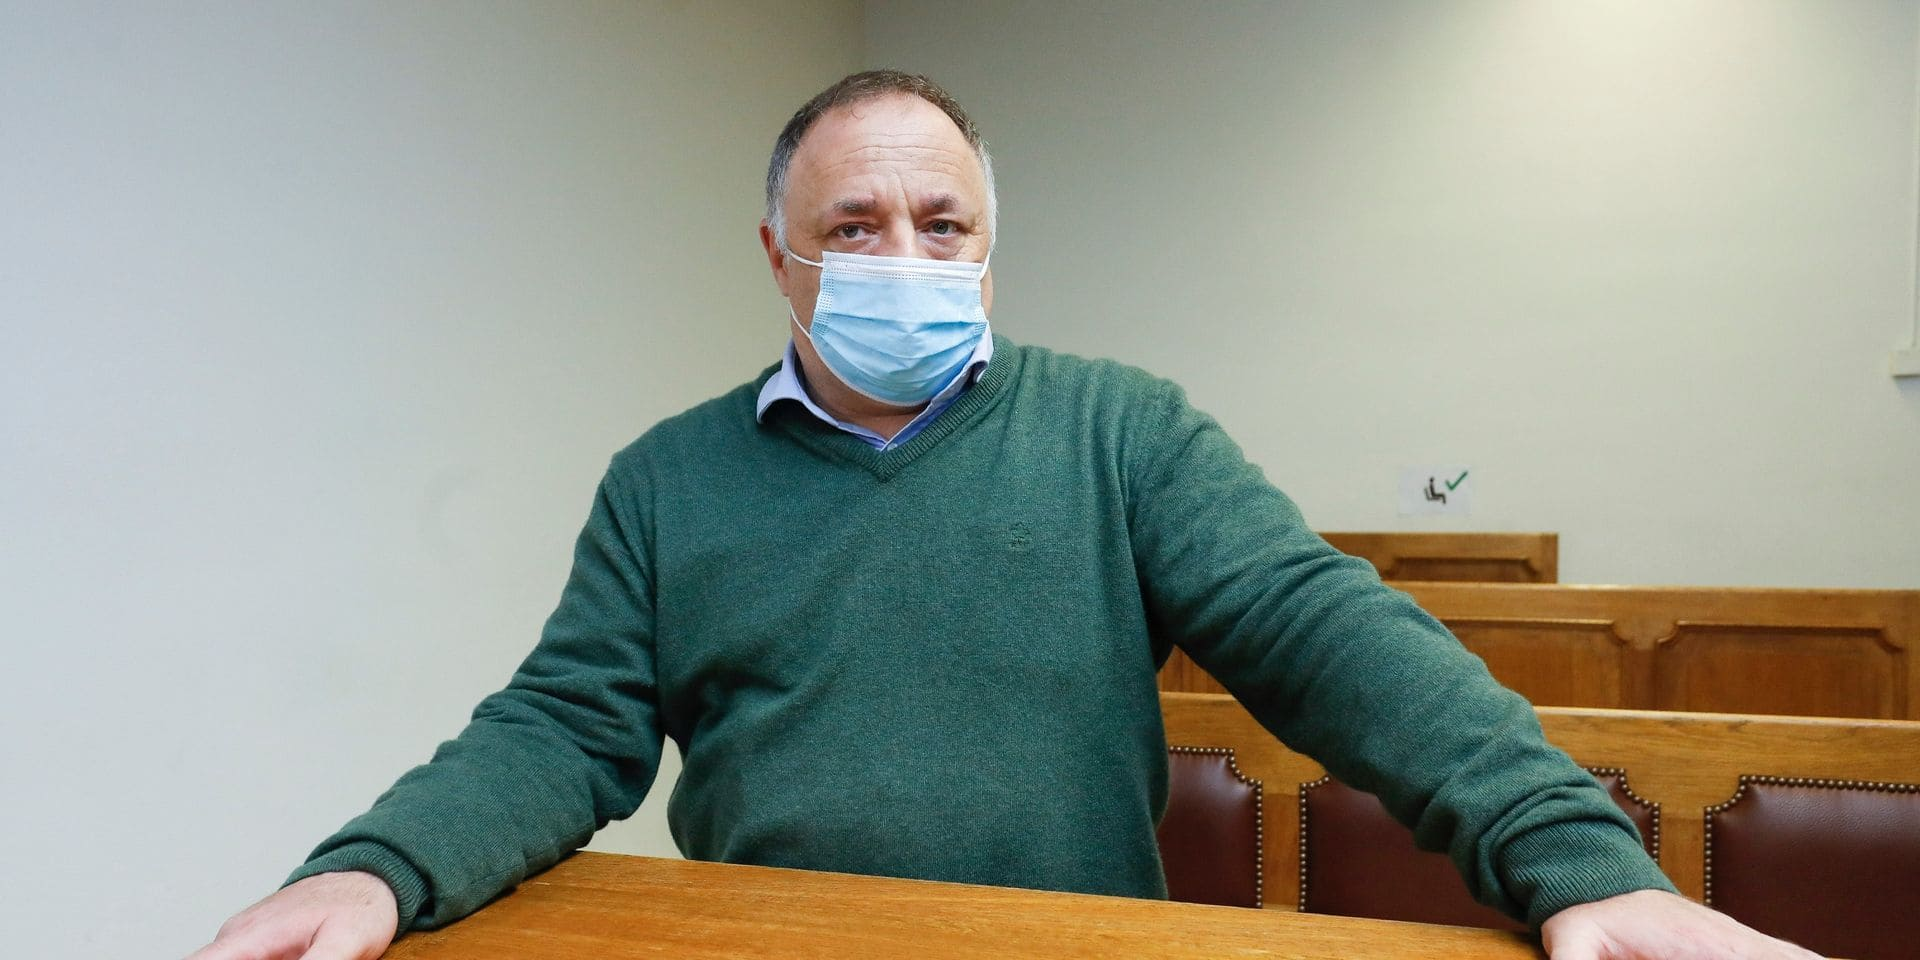 Le variant britannique concerne une minorité des contaminations en Belgique, estime Van Ranst qui appelle à la prudence